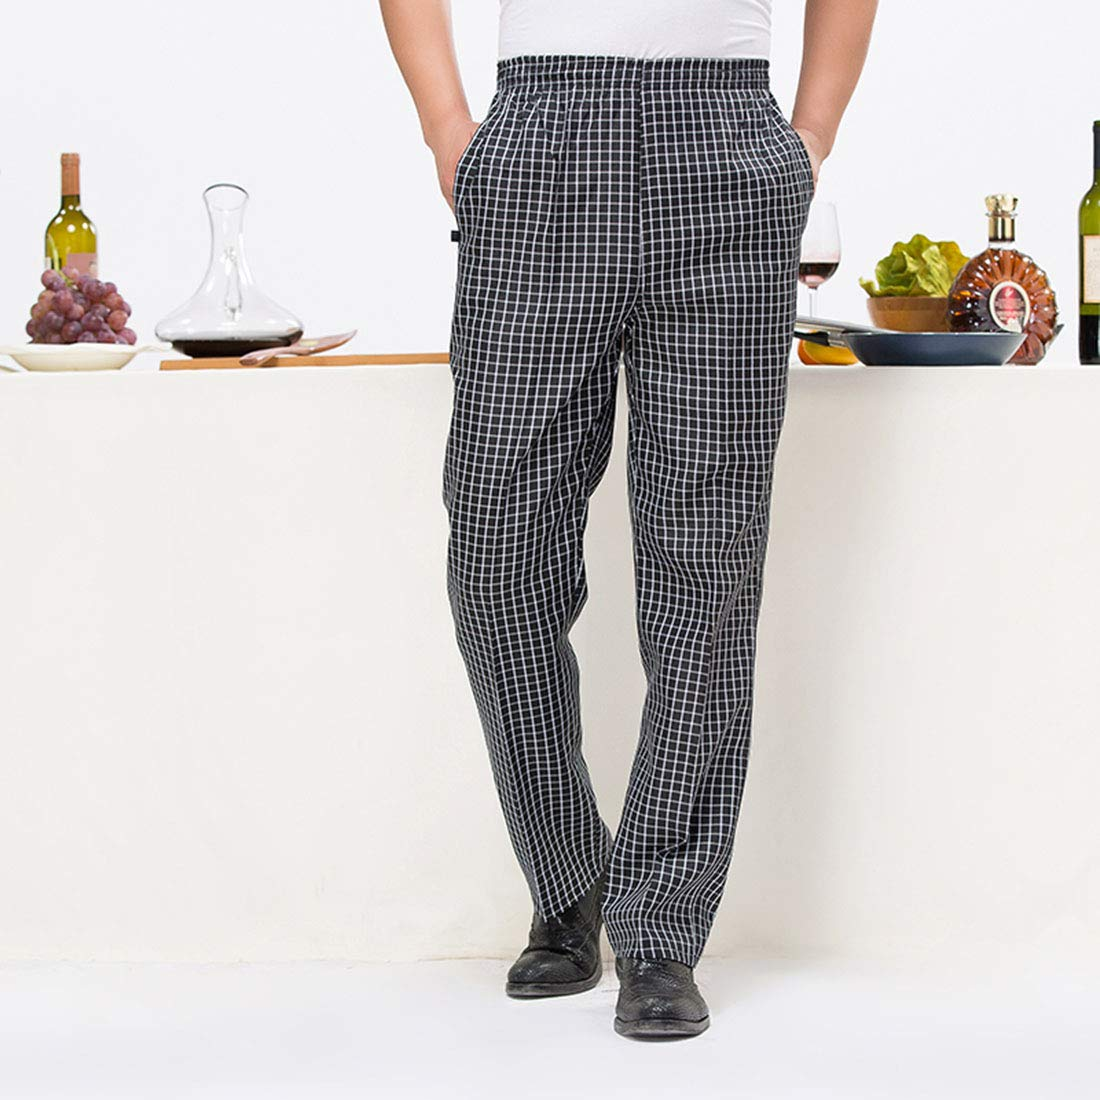 Jiyaru Pantalon de Cuisine Professionnel Pantalon de Chef Travail Pantalon de Boulanger Universel pour Homme Femme